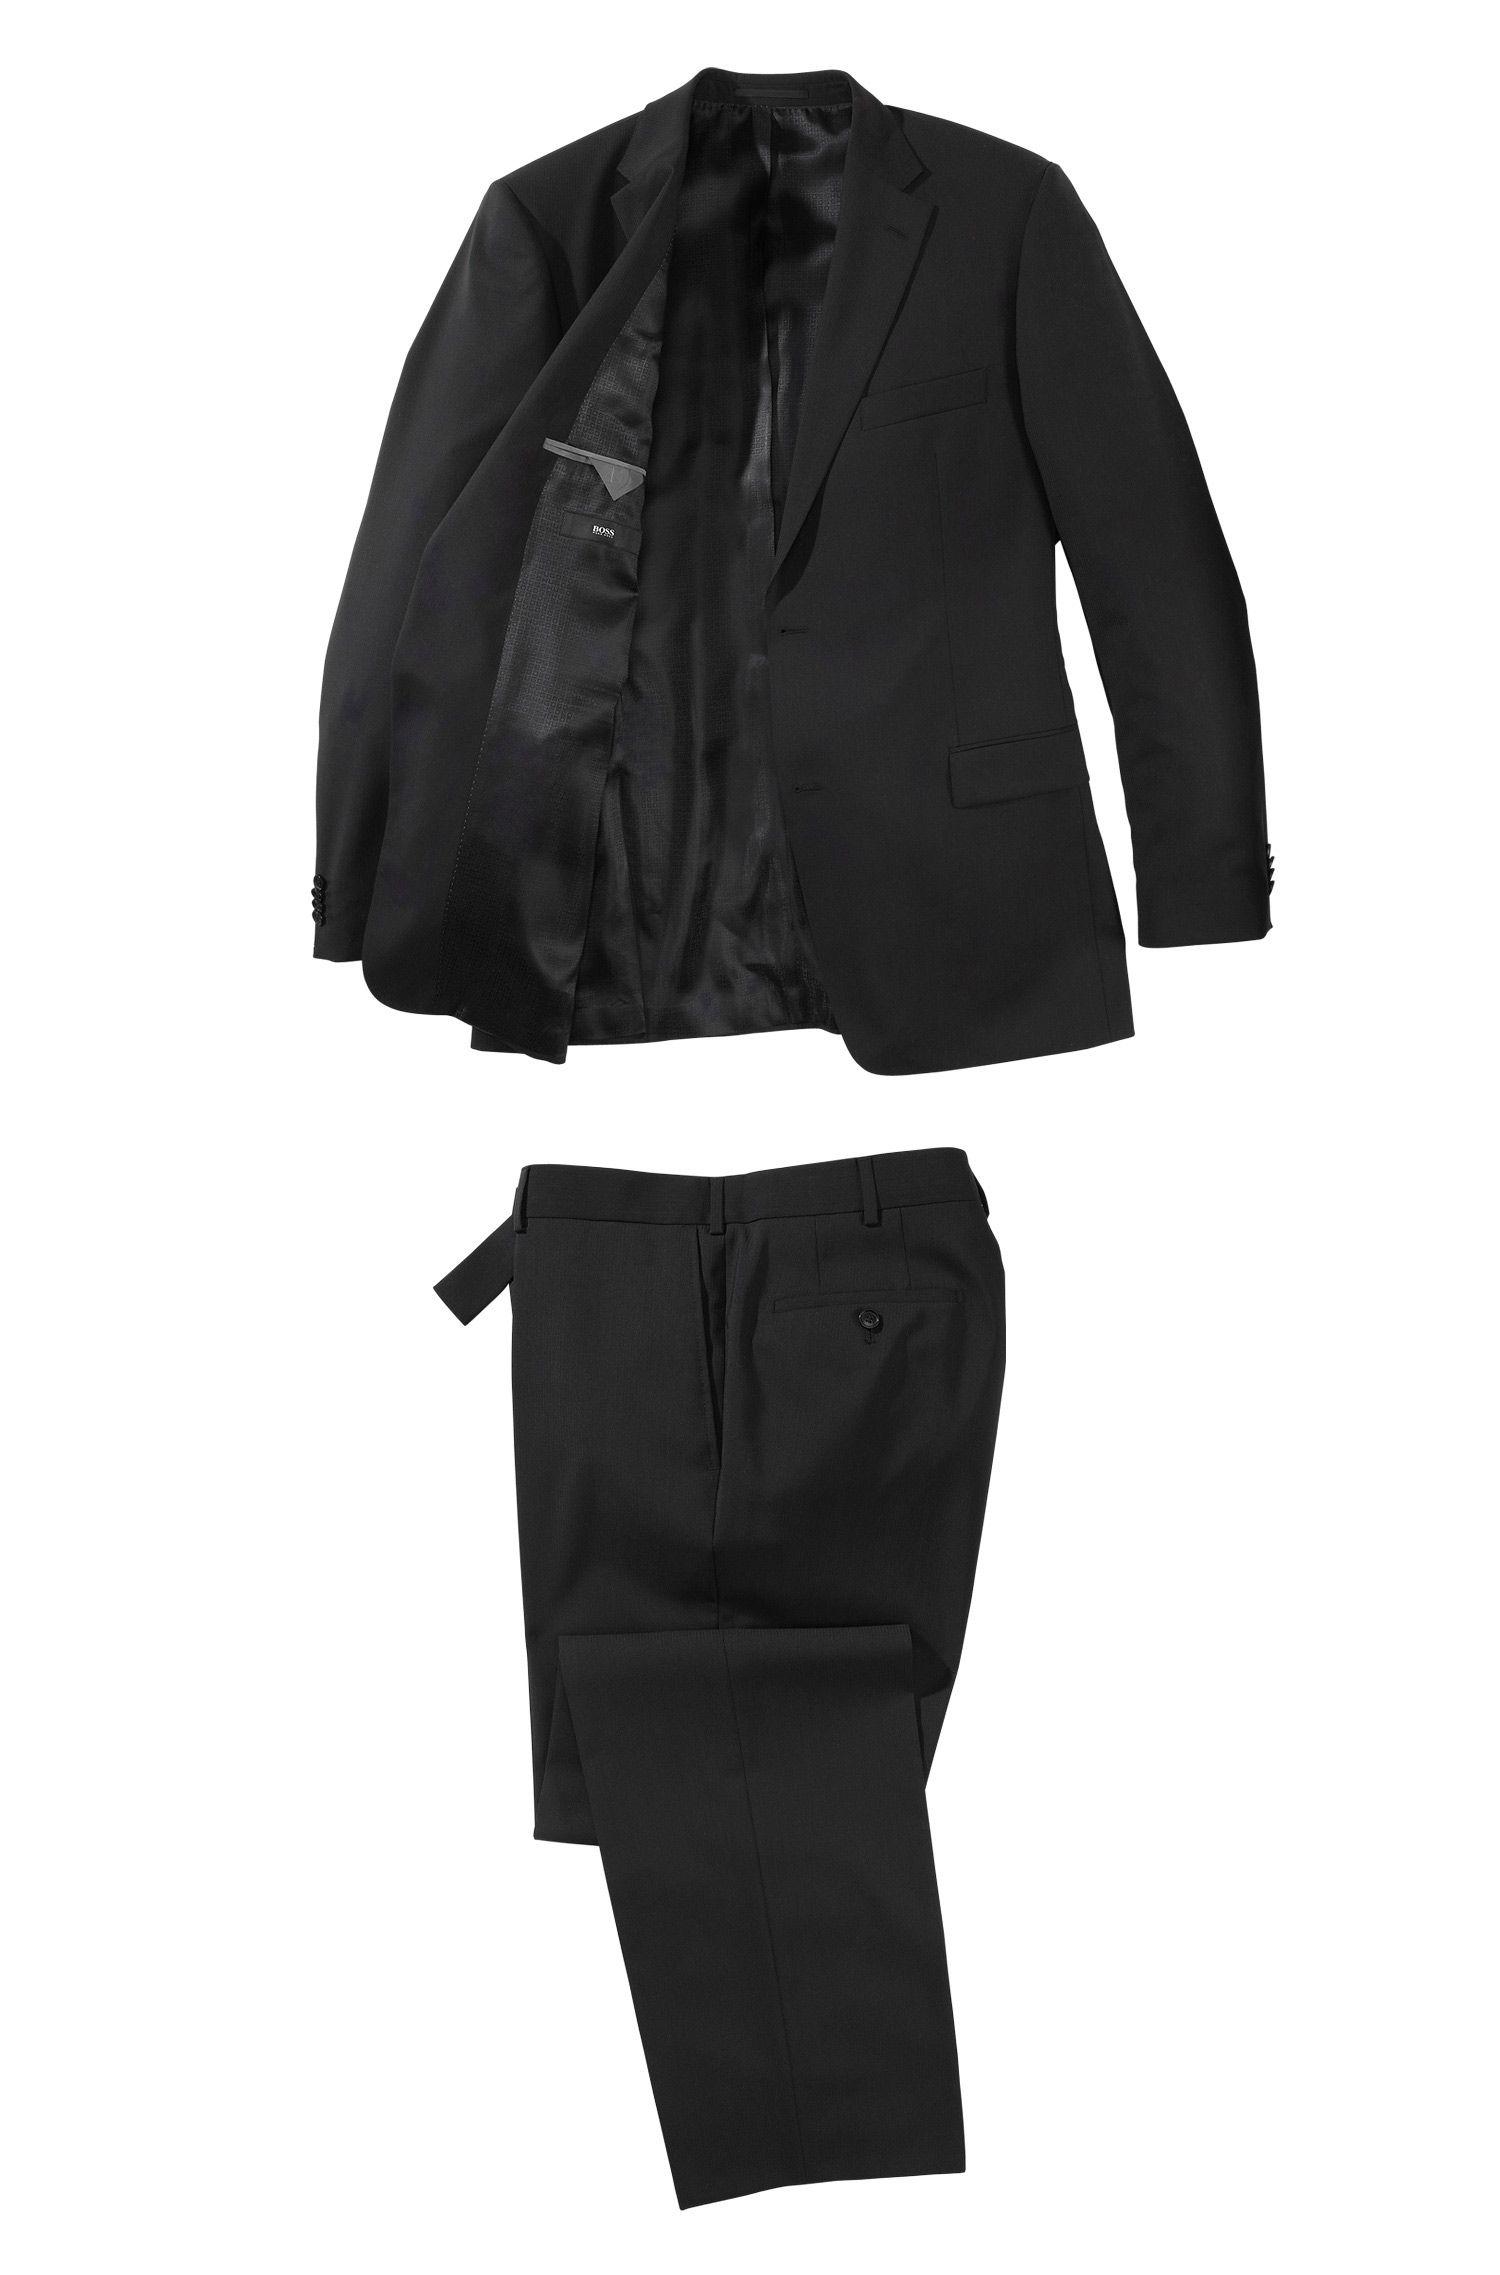 Anzug ´Pavese1/Verga1` aus reiner Schurwolle